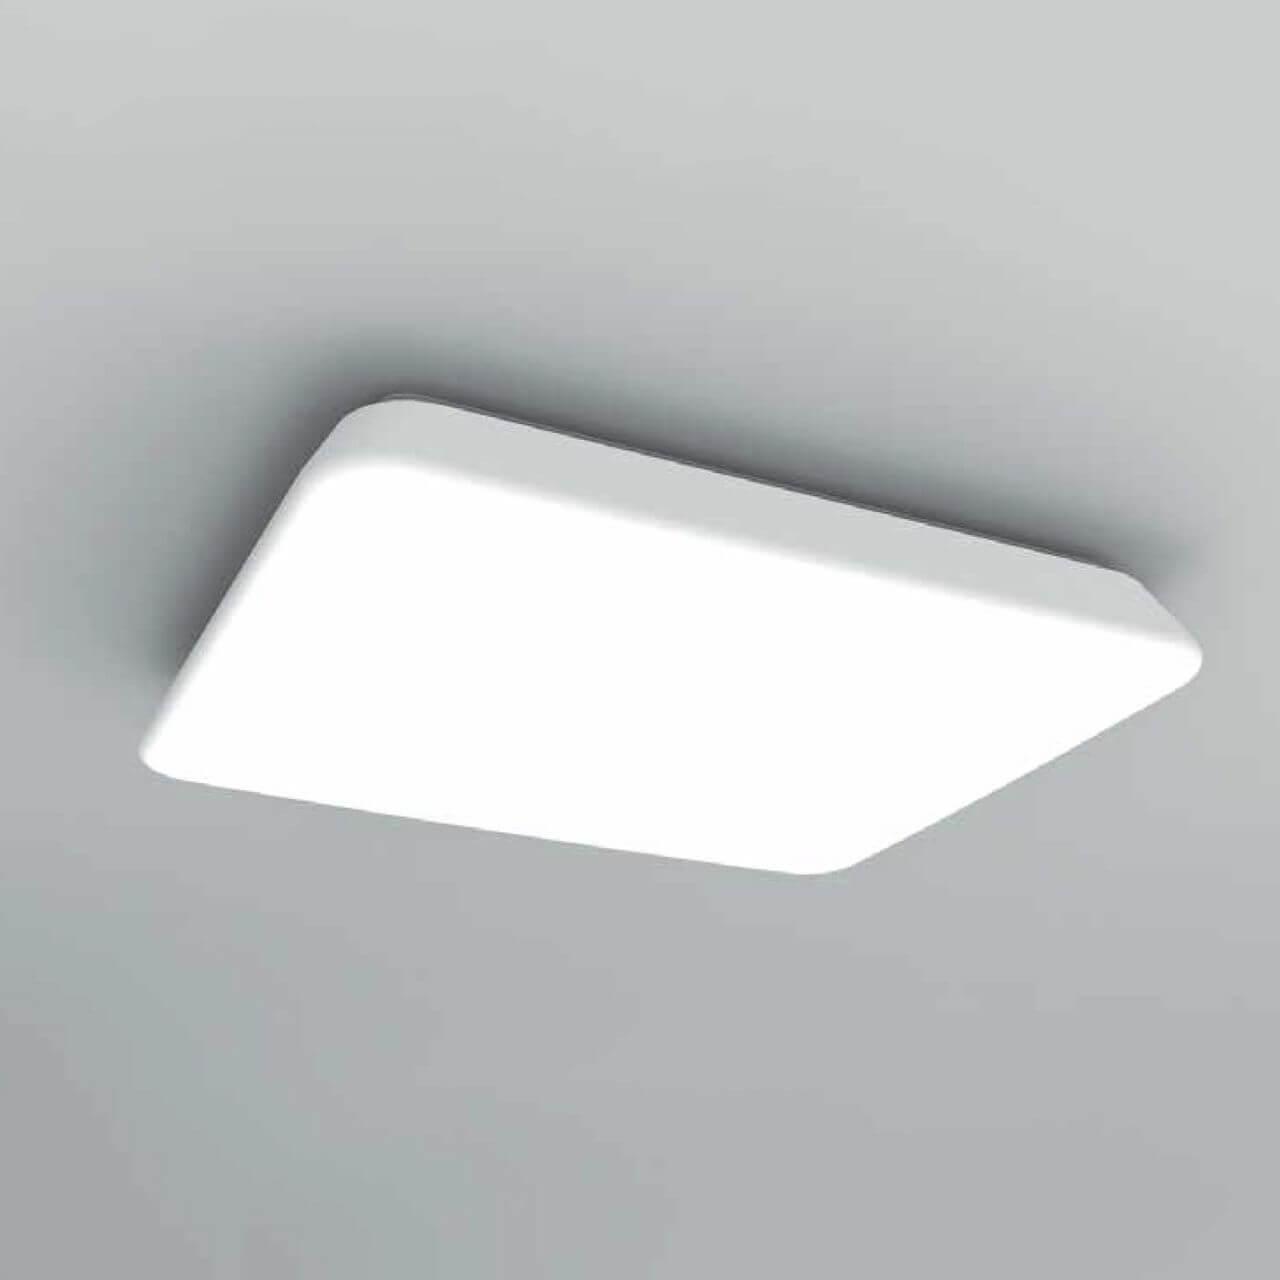 купить Потолочный светодиодный светильник Mantra Quatro 4870 онлайн